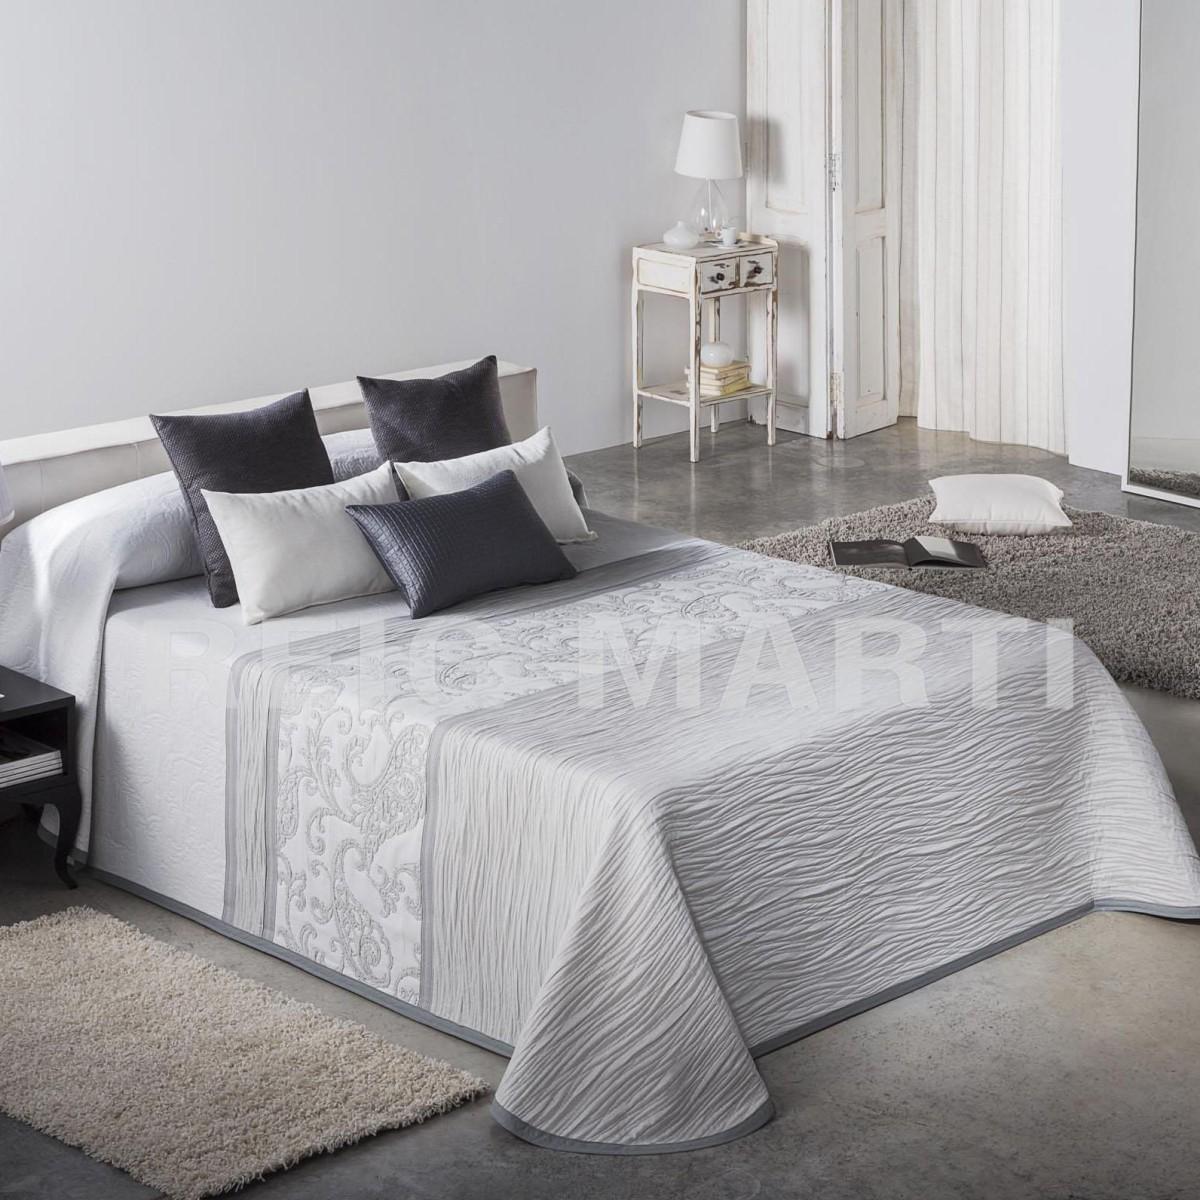 Colcha carvex reig marti - Ikea ropa de cama colchas ...